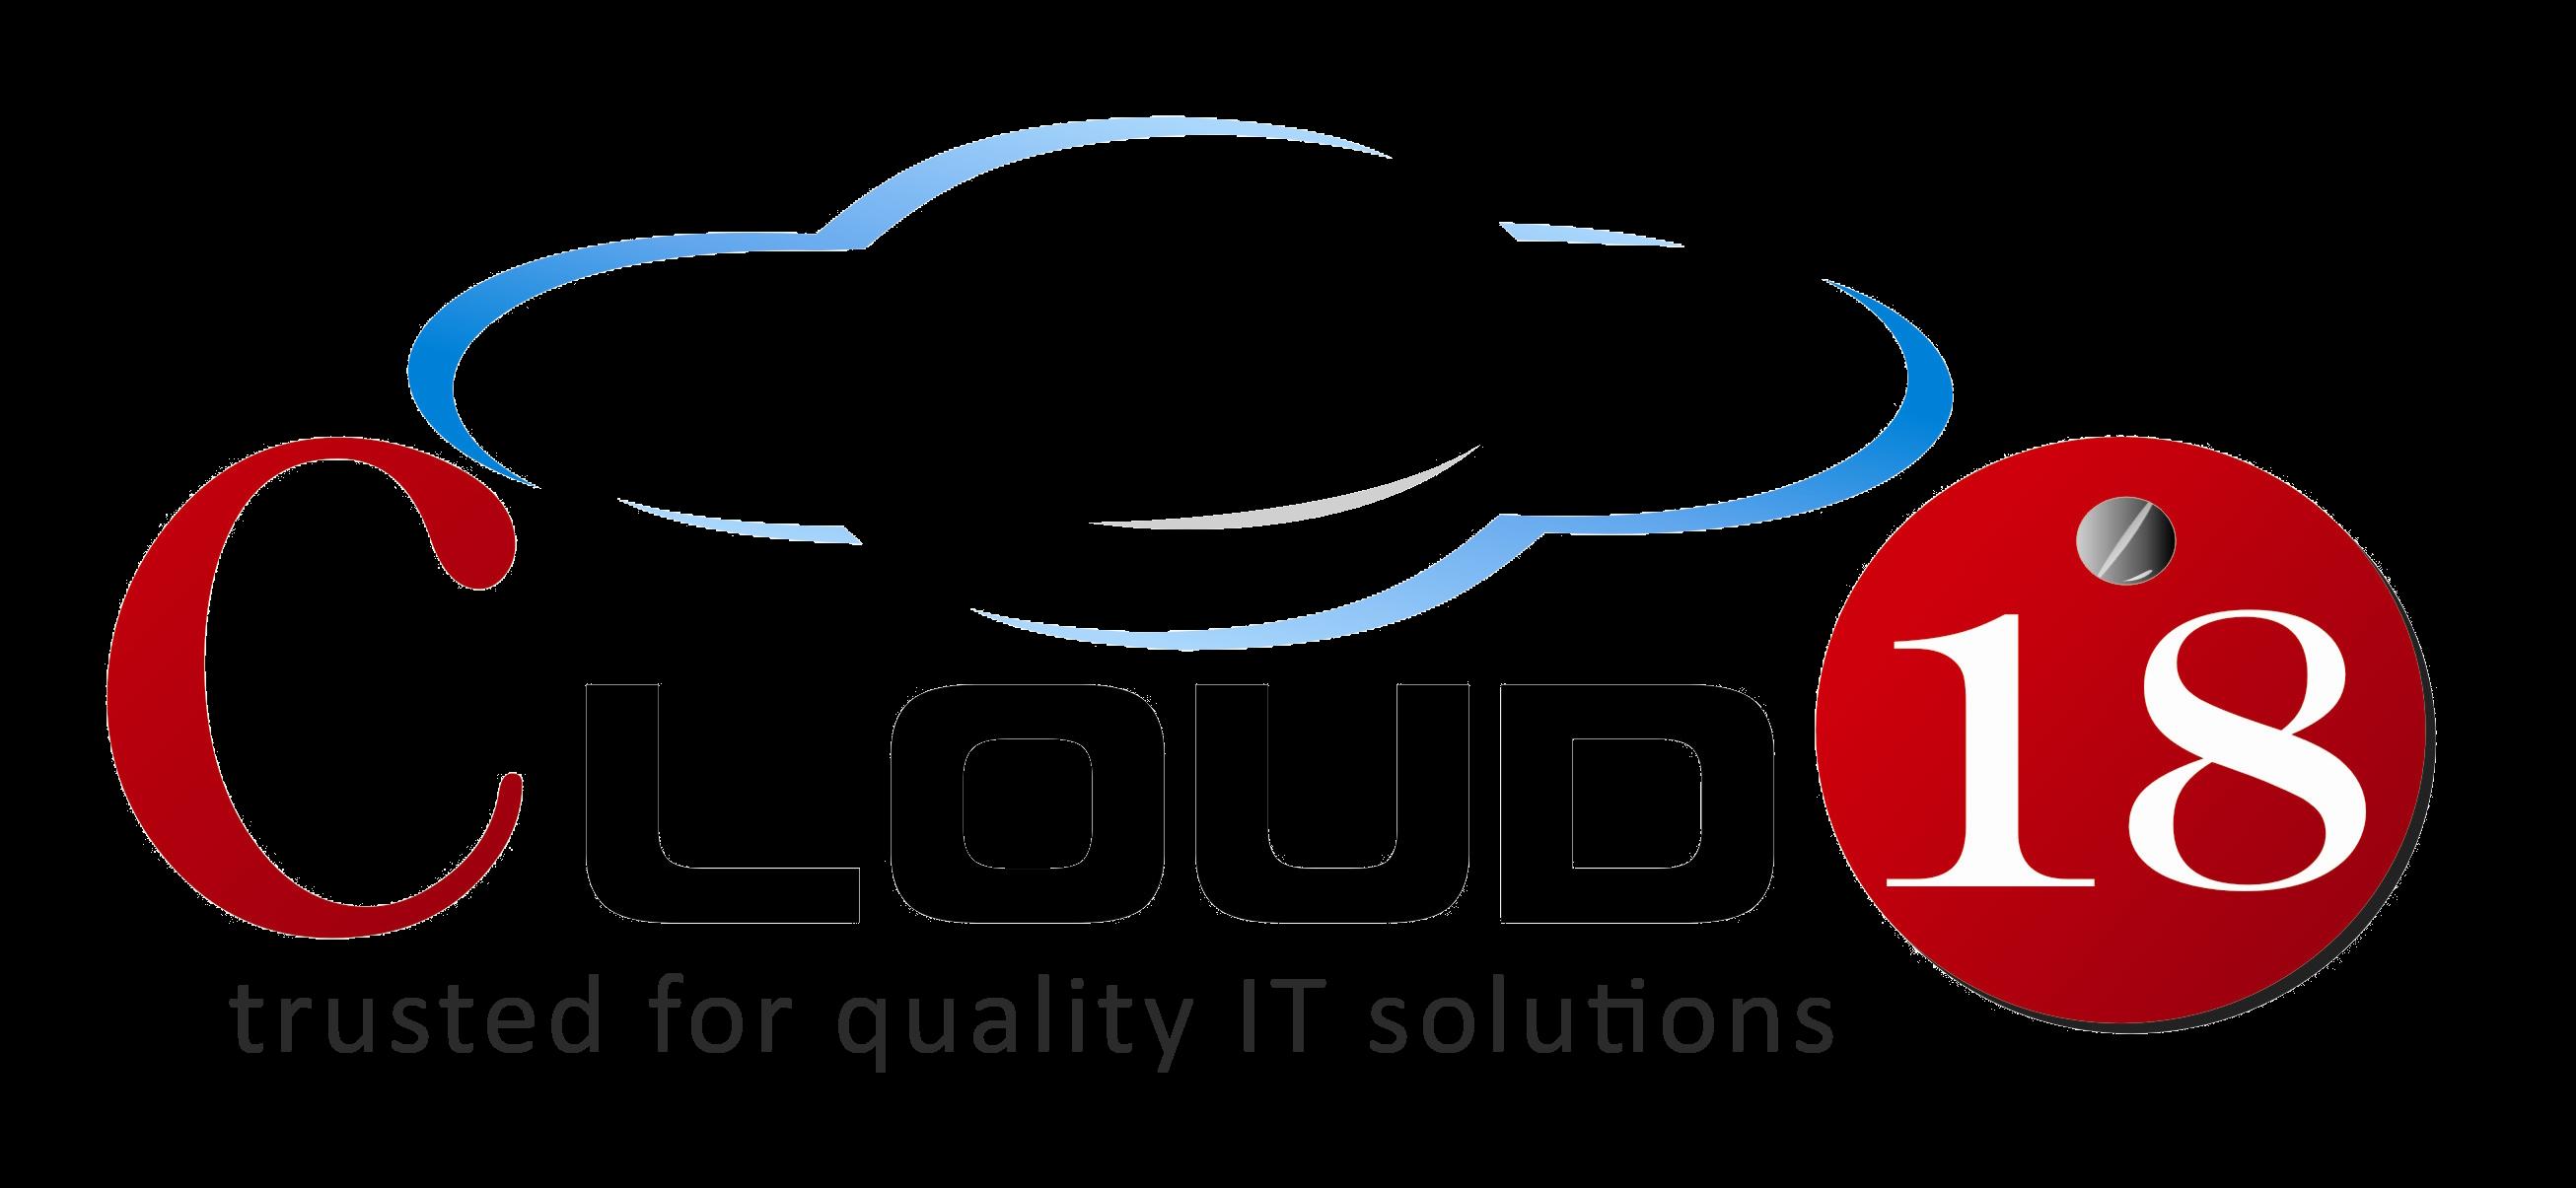 Cloud18 Infotech Pvt Ltd